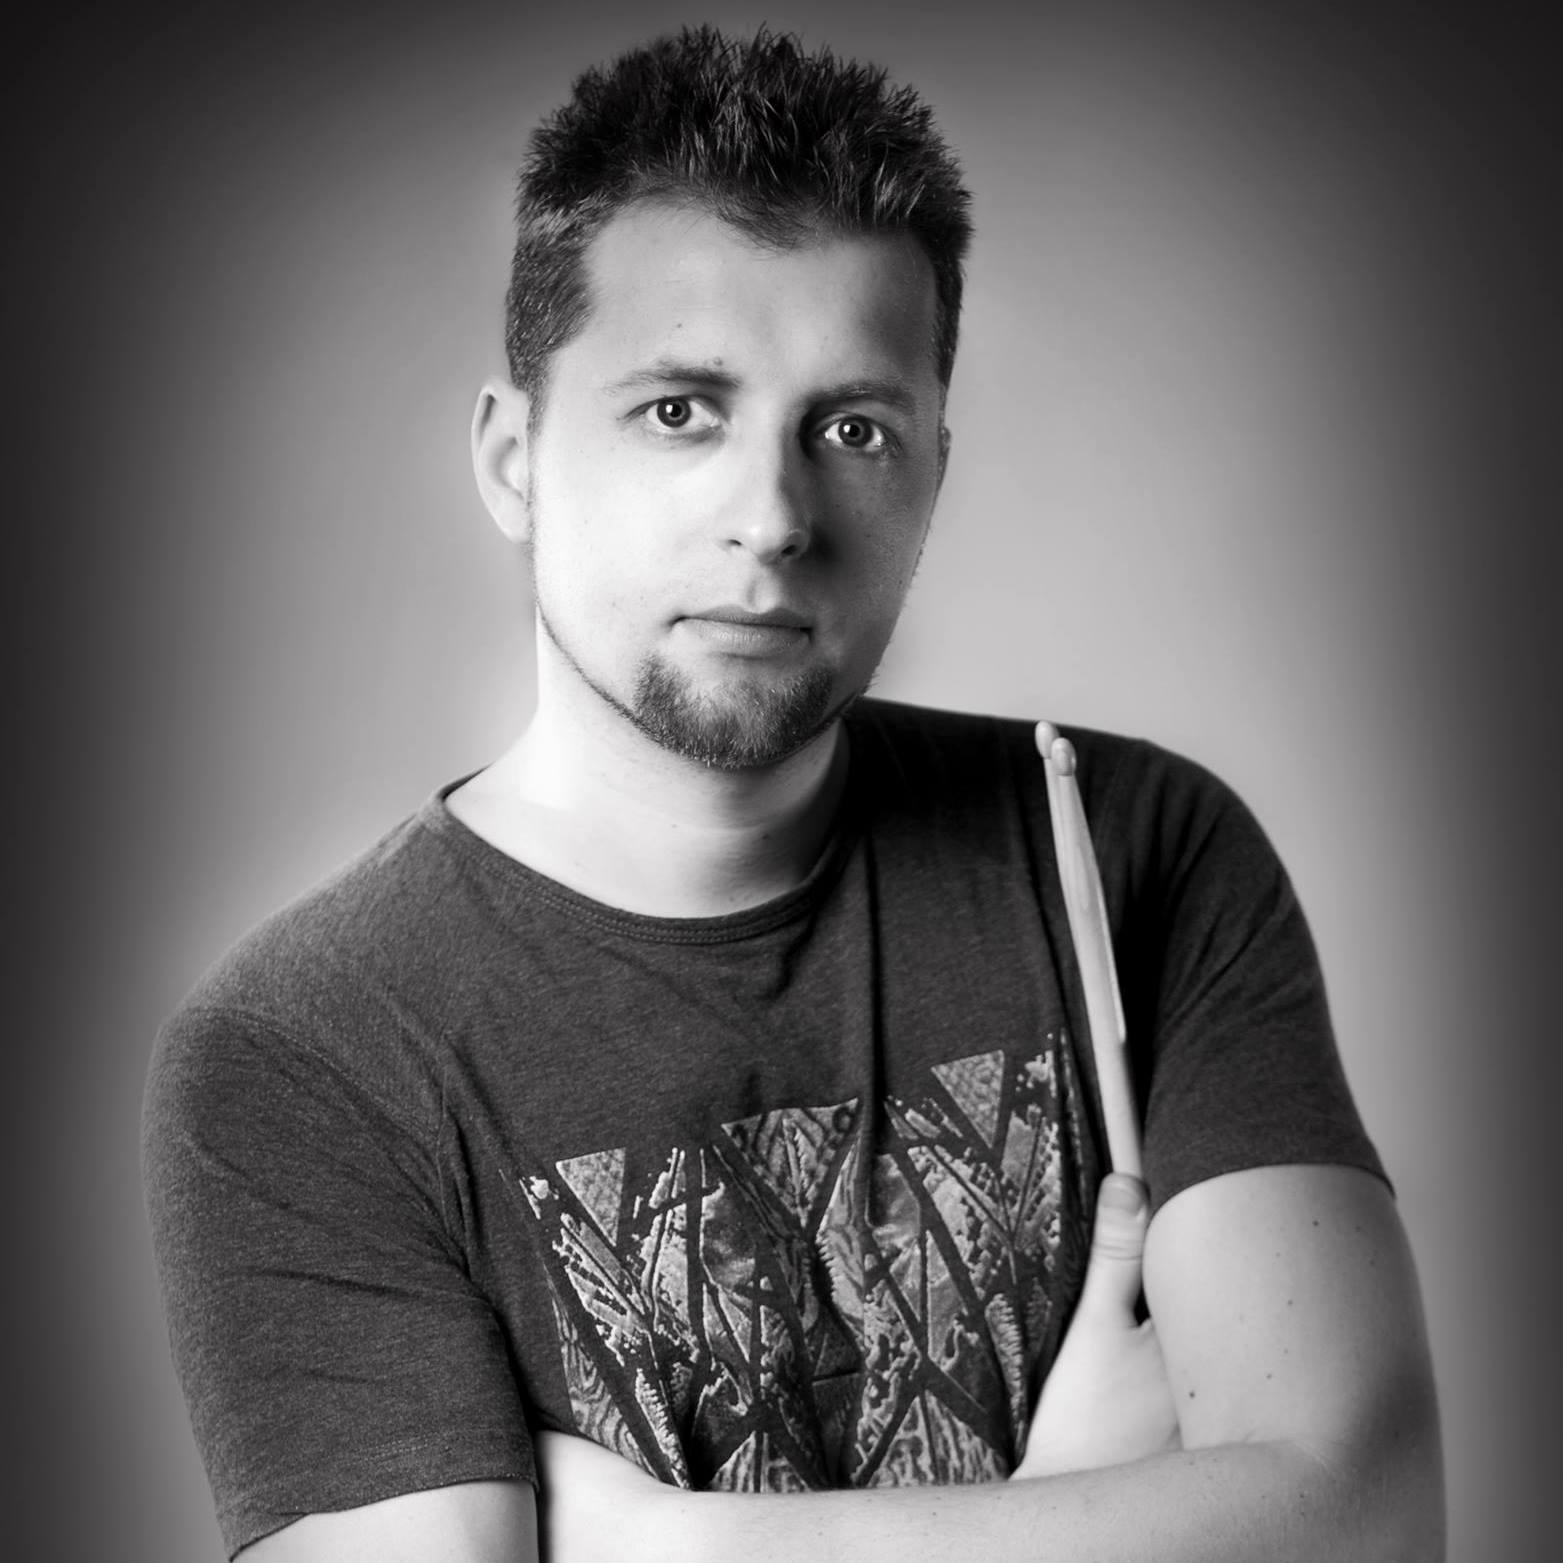 Marek Mitręga